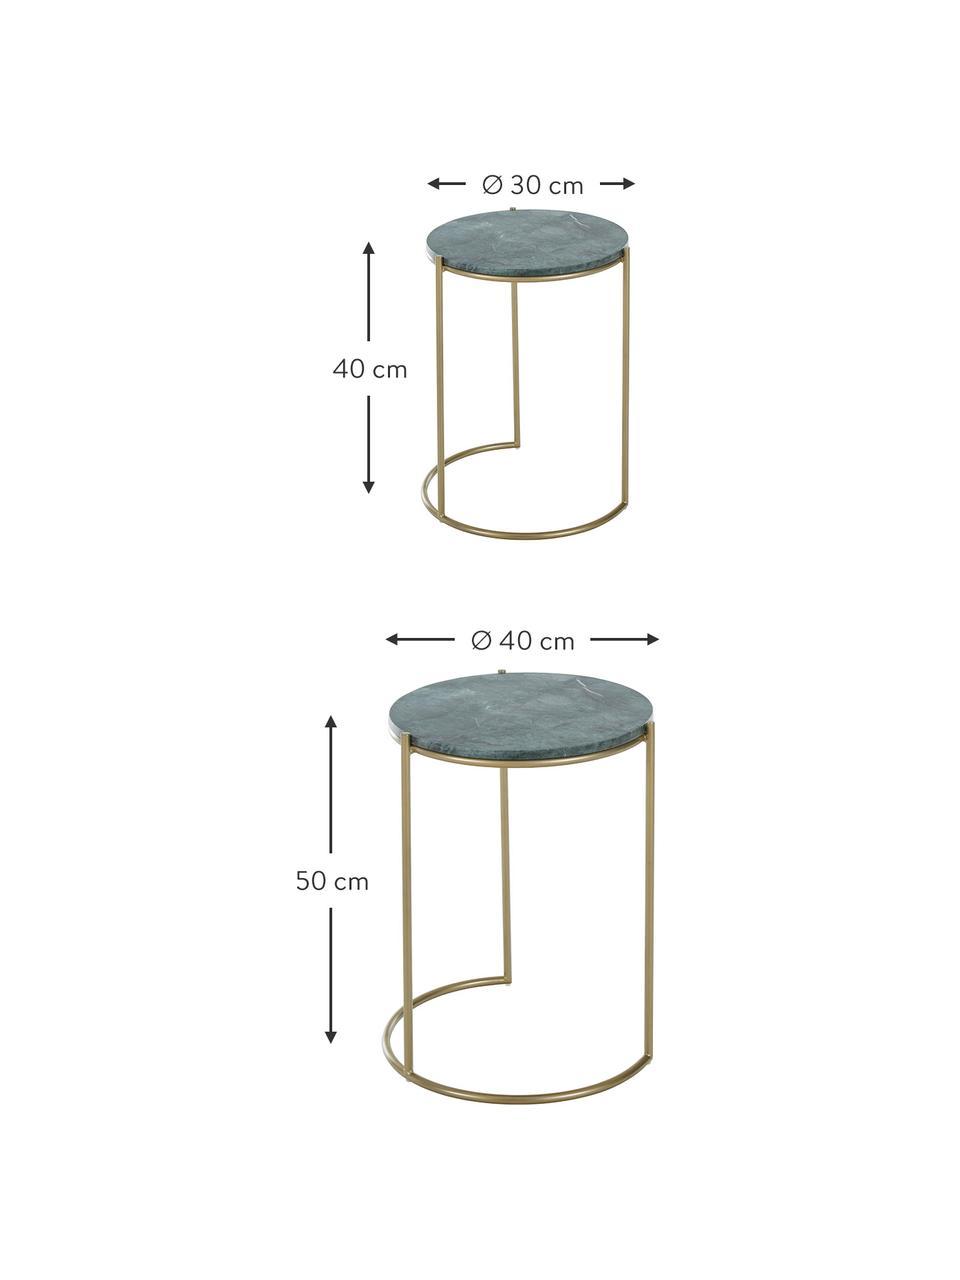 Marmor-Beistelltisch-Set Ella, 2-tlg., Grüner Marmor, Goldfarben, Sondergrößen